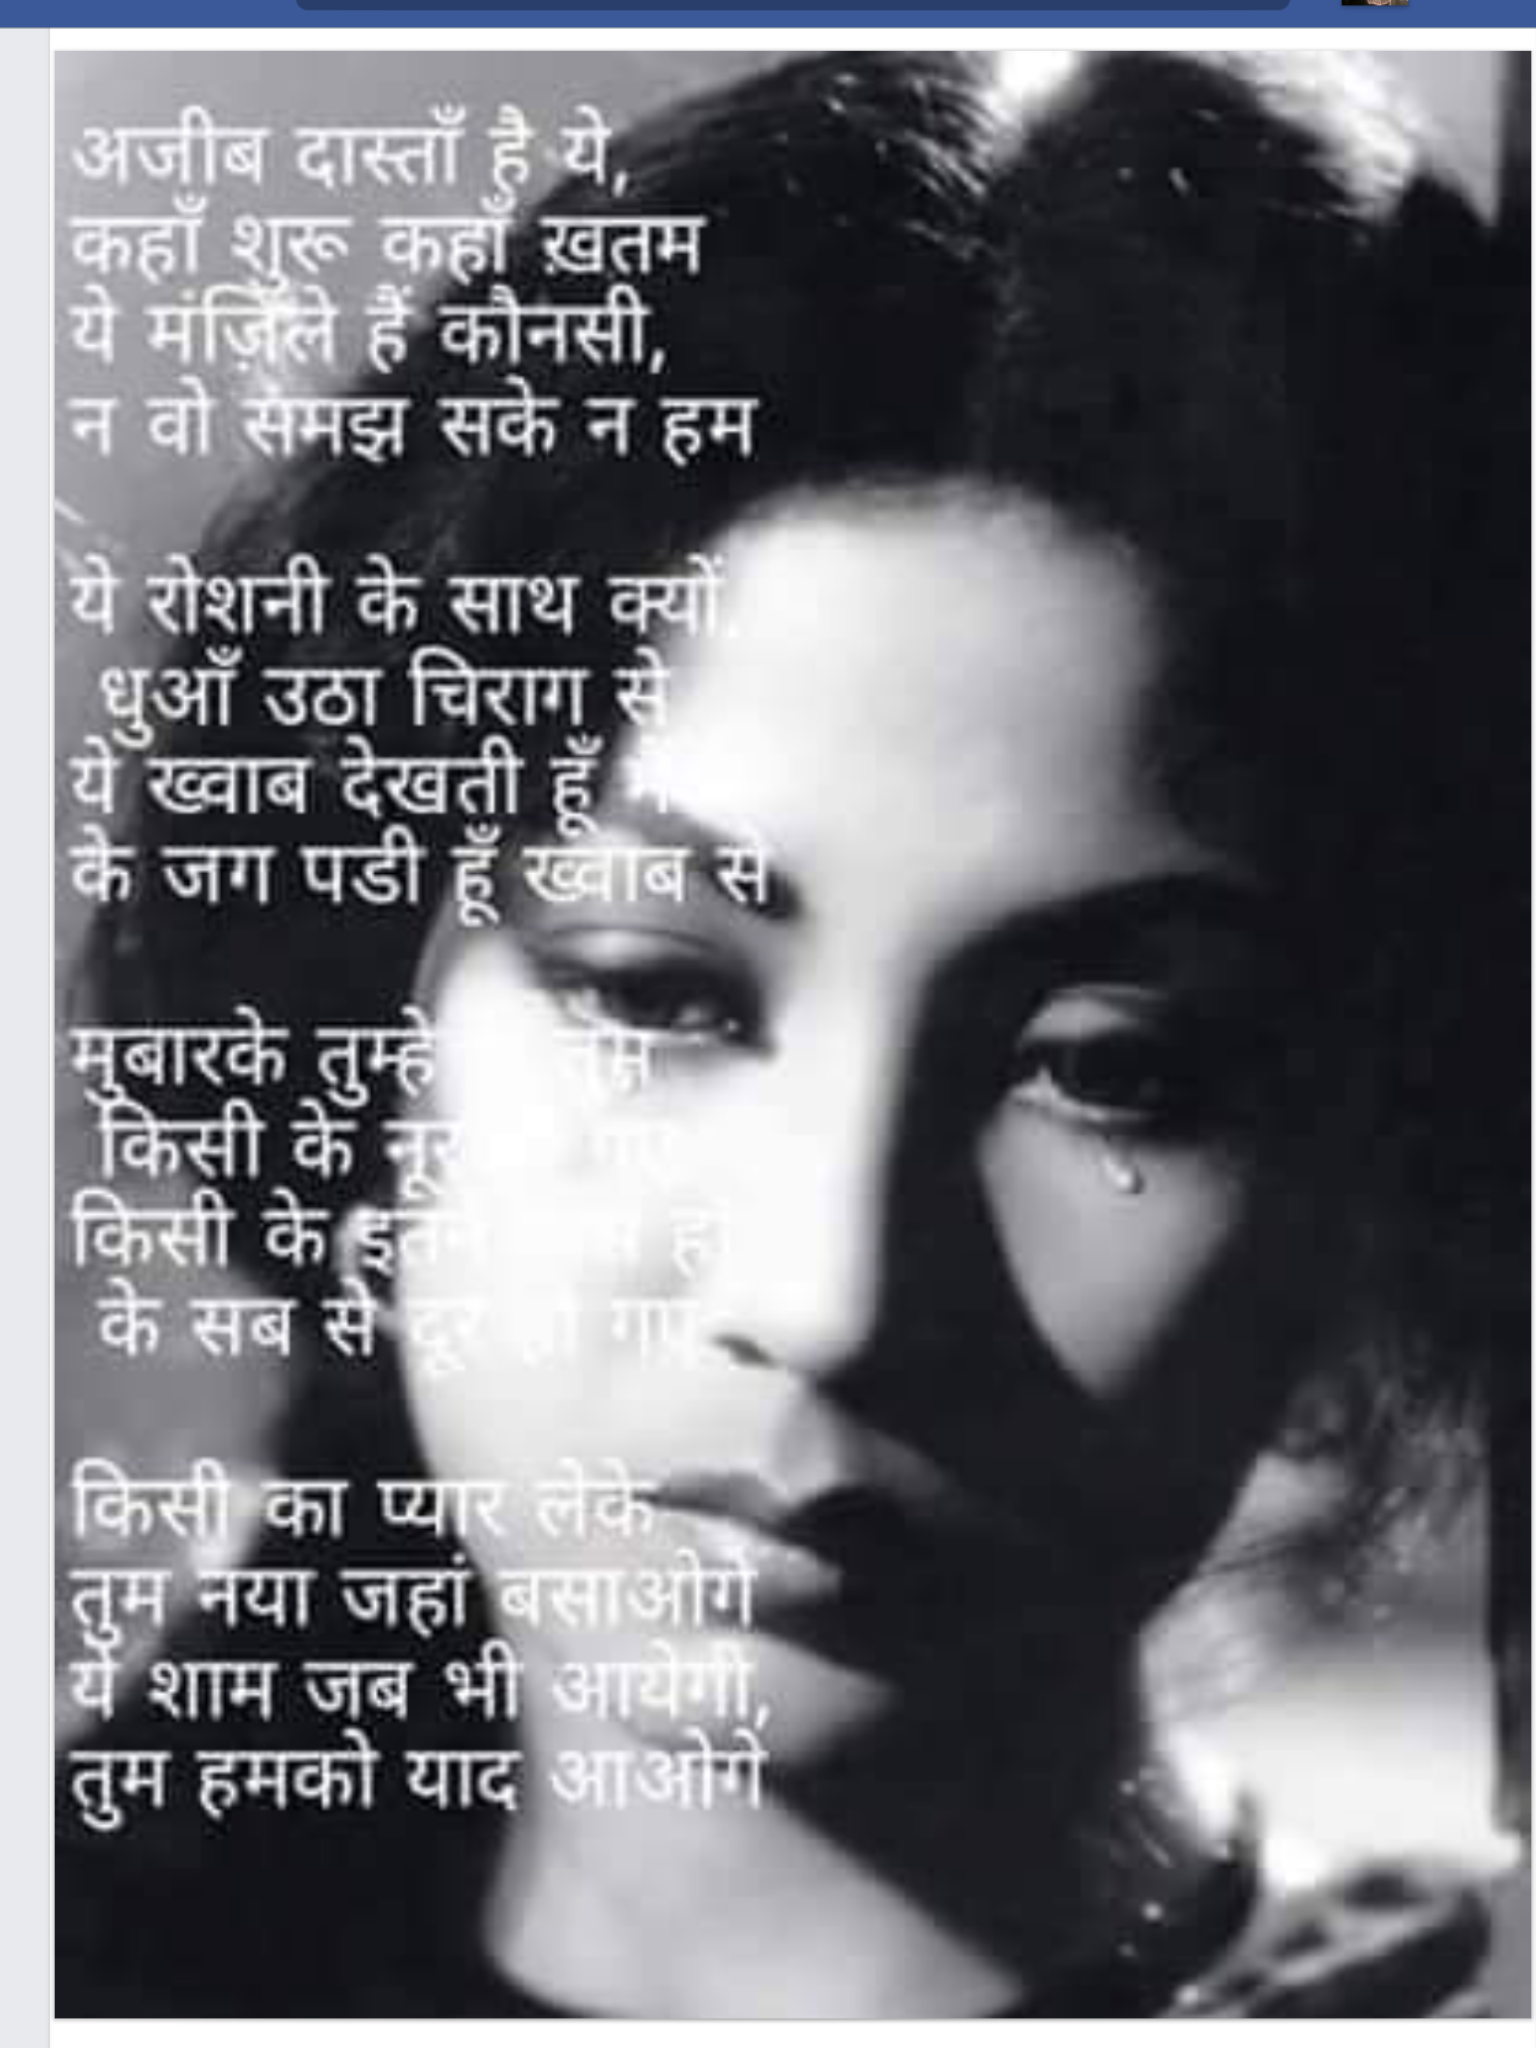 Ajib Dastan Hai Yeh Lyrics Songs Lyrics Song Lyric Quotes